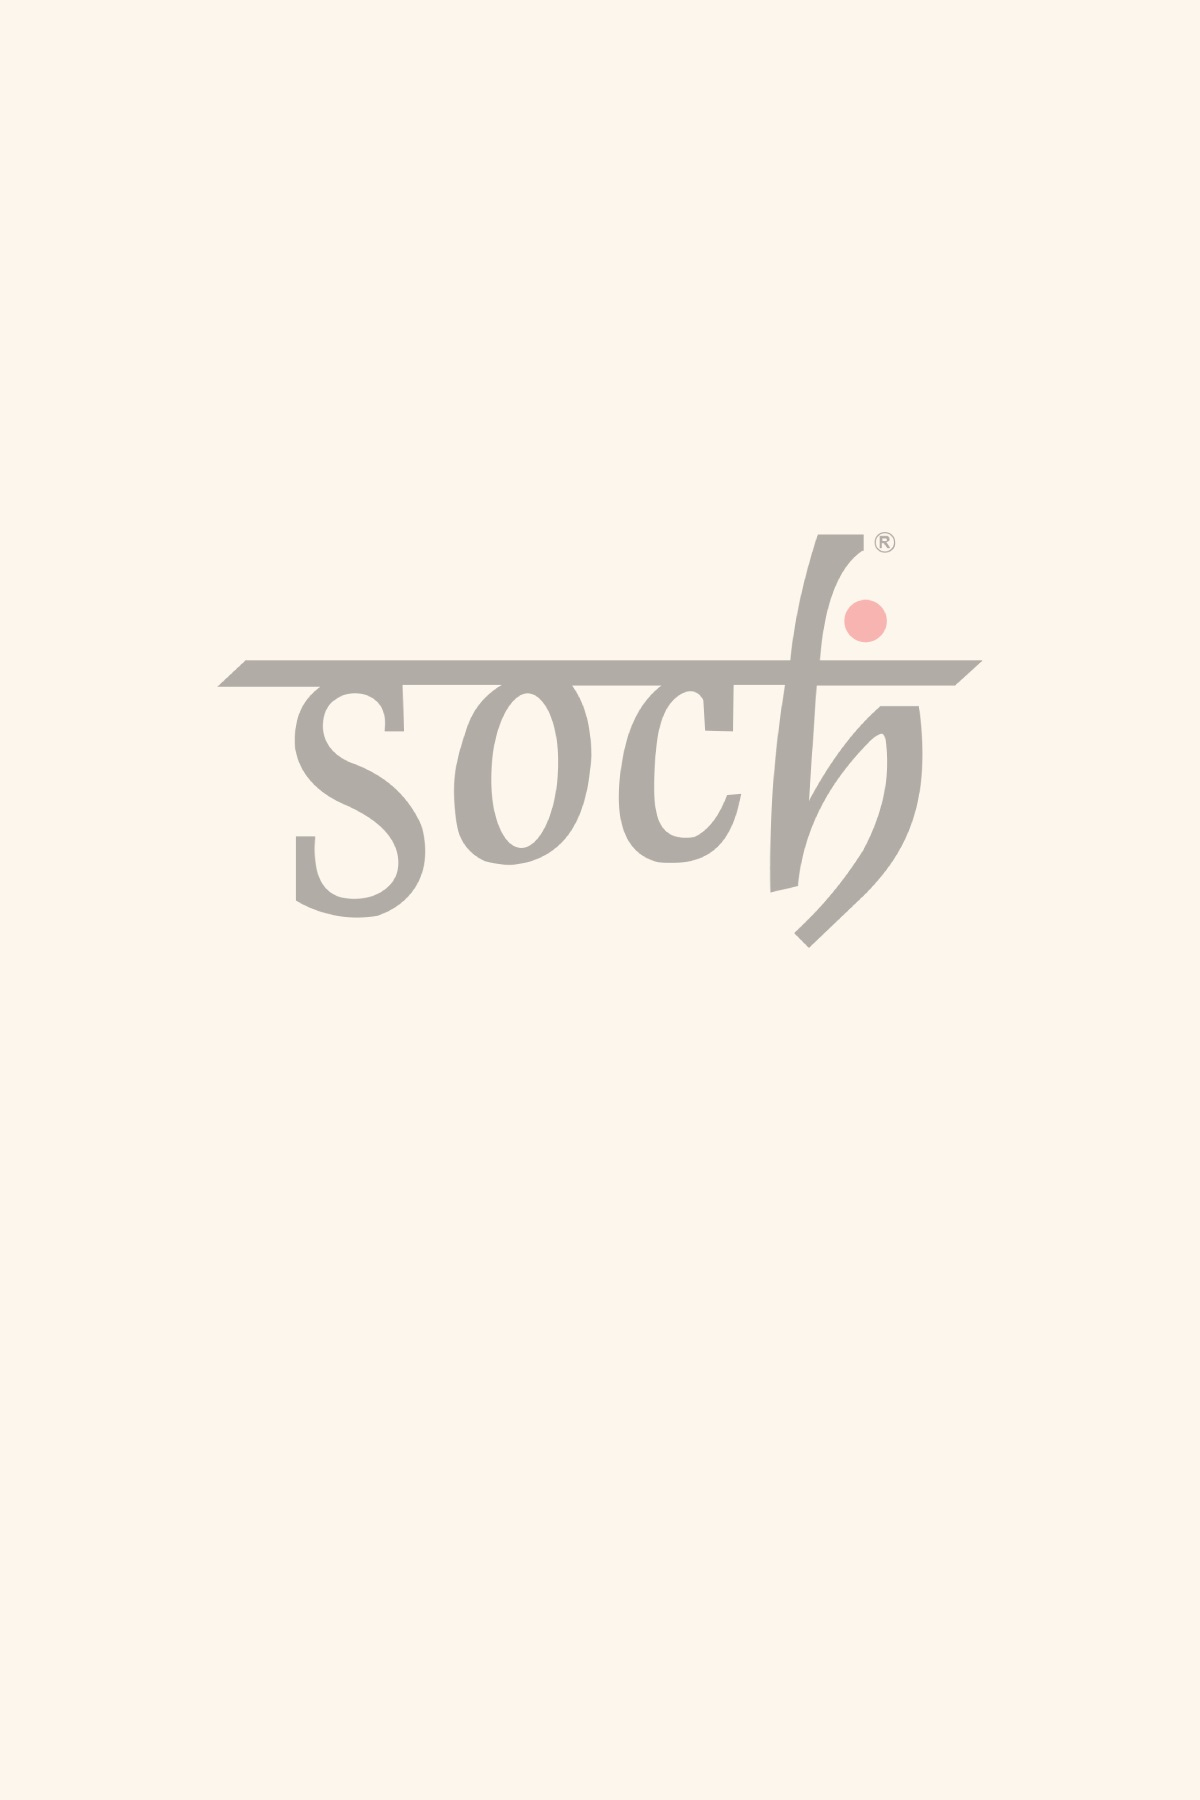 5a477150ac7 Soch Pink Slub Cotton Solid Straight Cut Tunic - SALL WW TN 3020